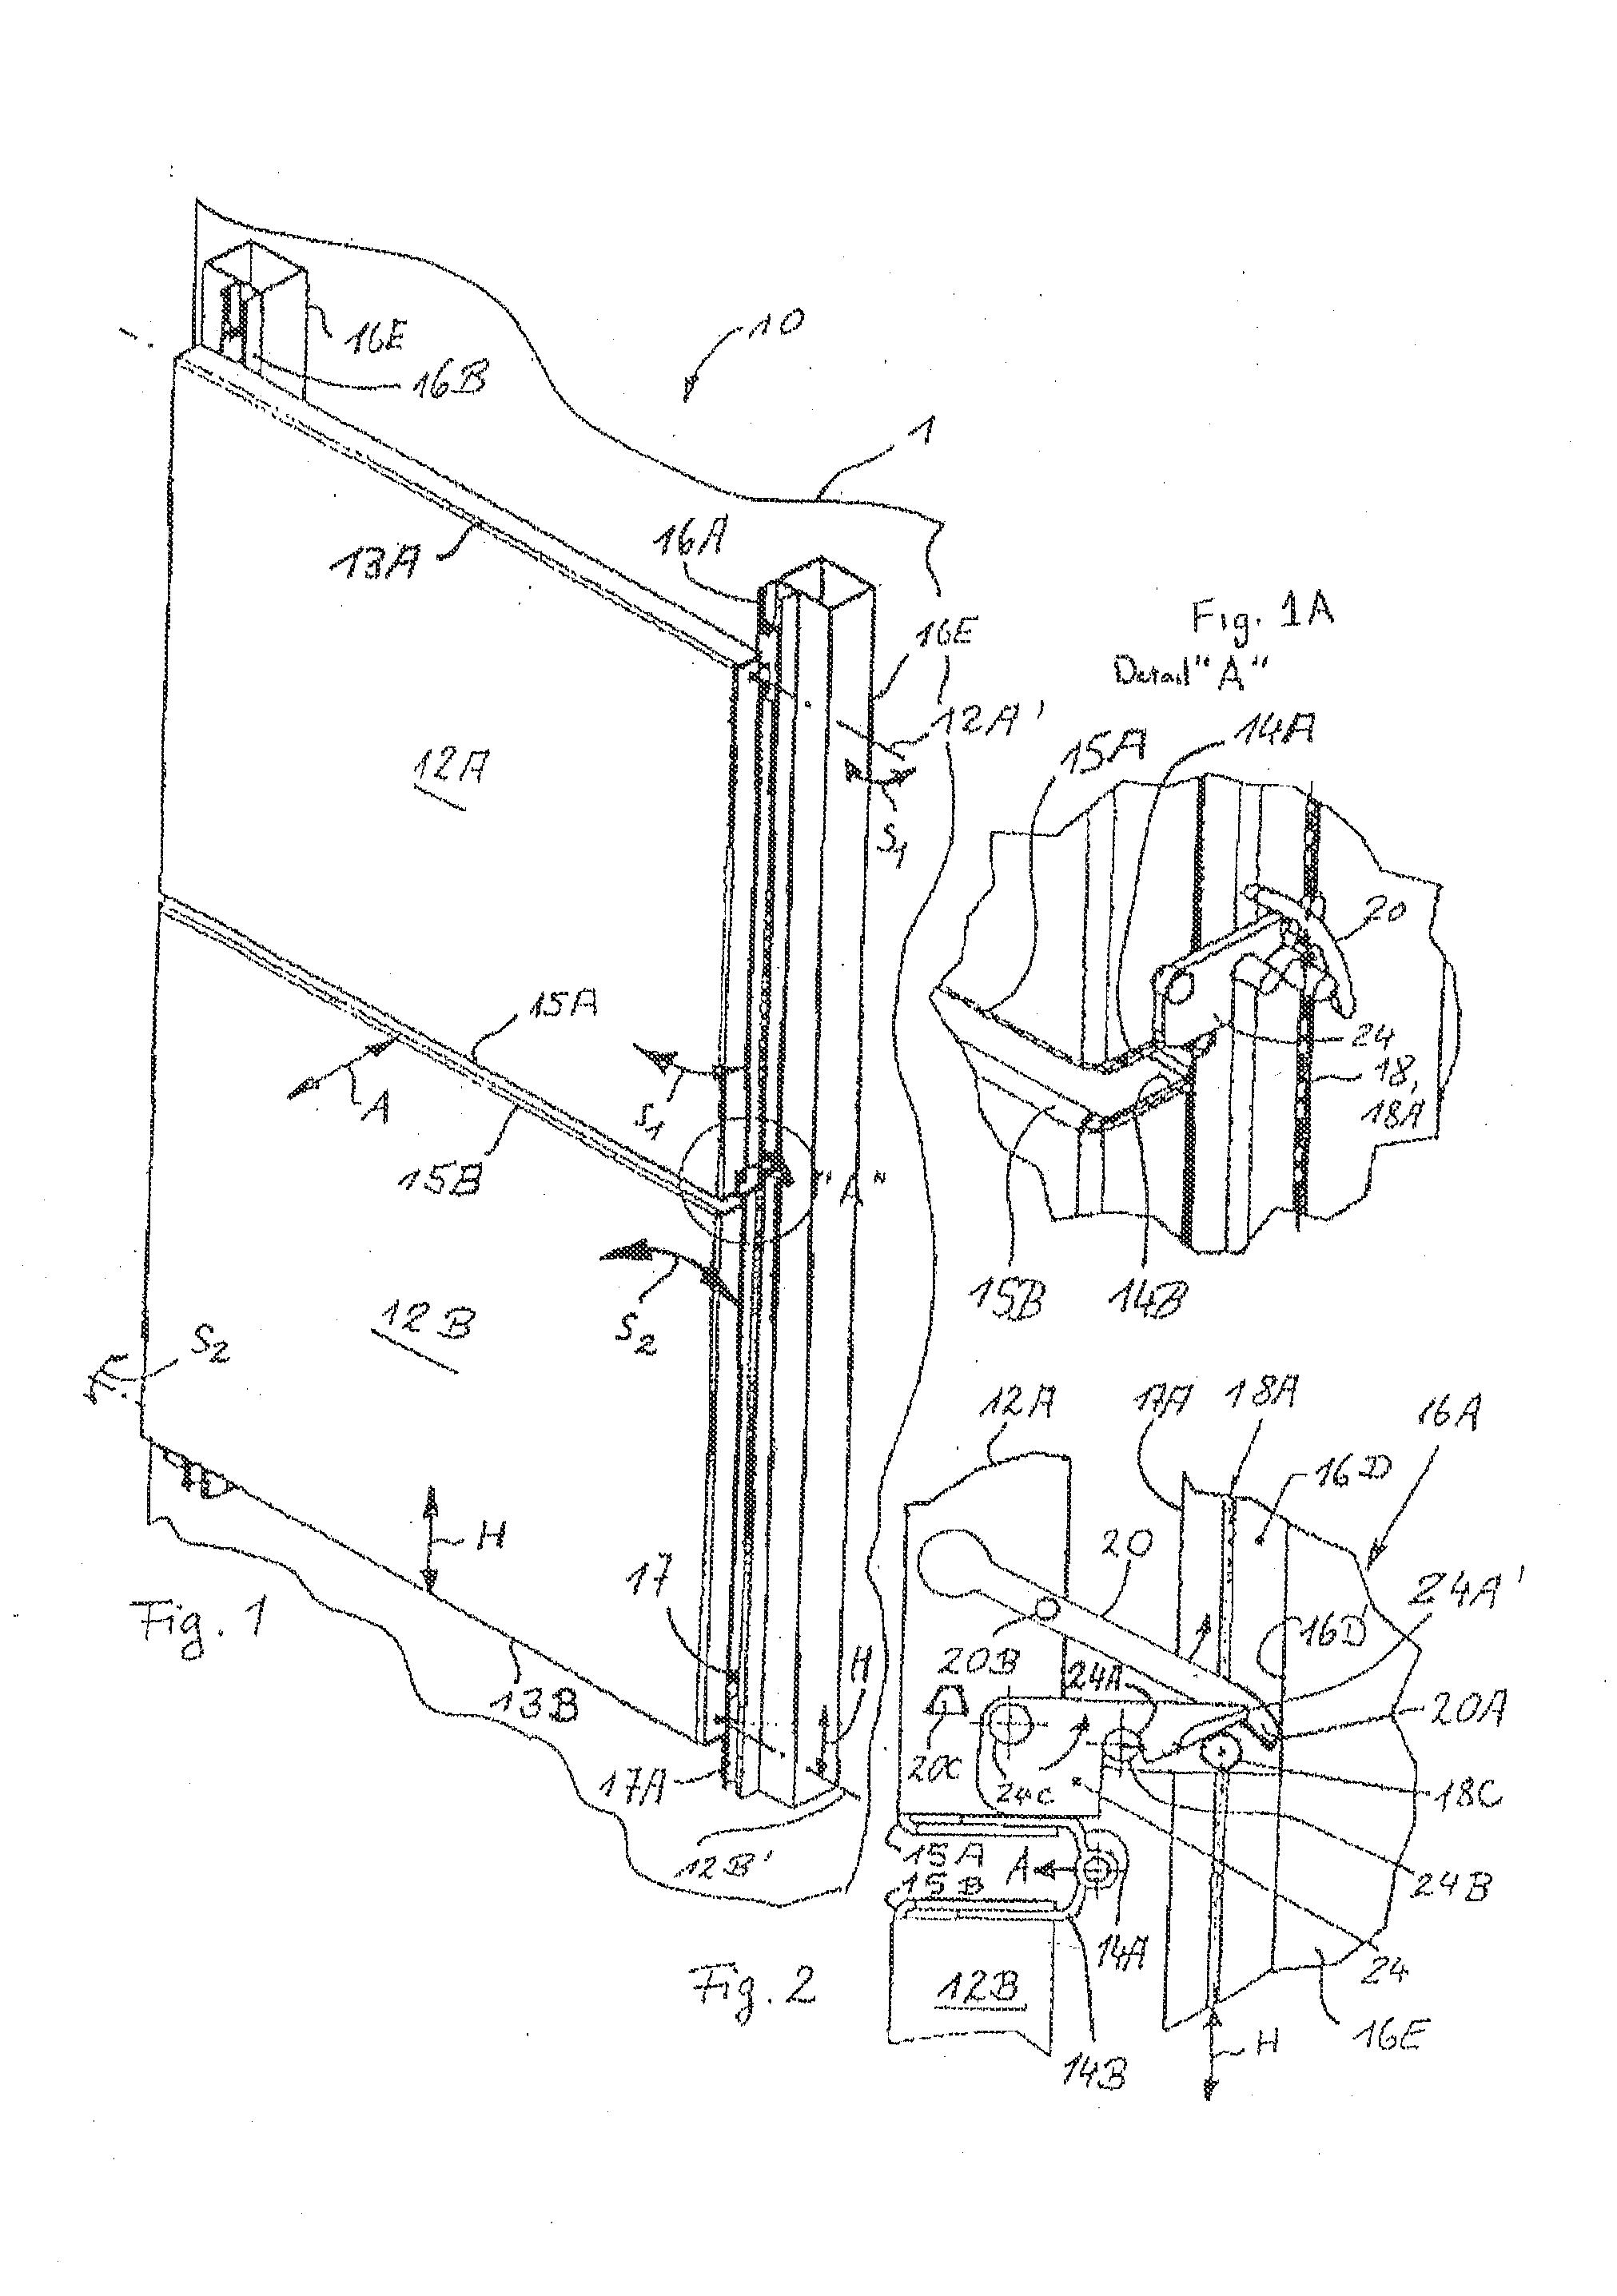 onan 6 5 genset wiring diagram wiring diagrams wiring diagram onan genset car